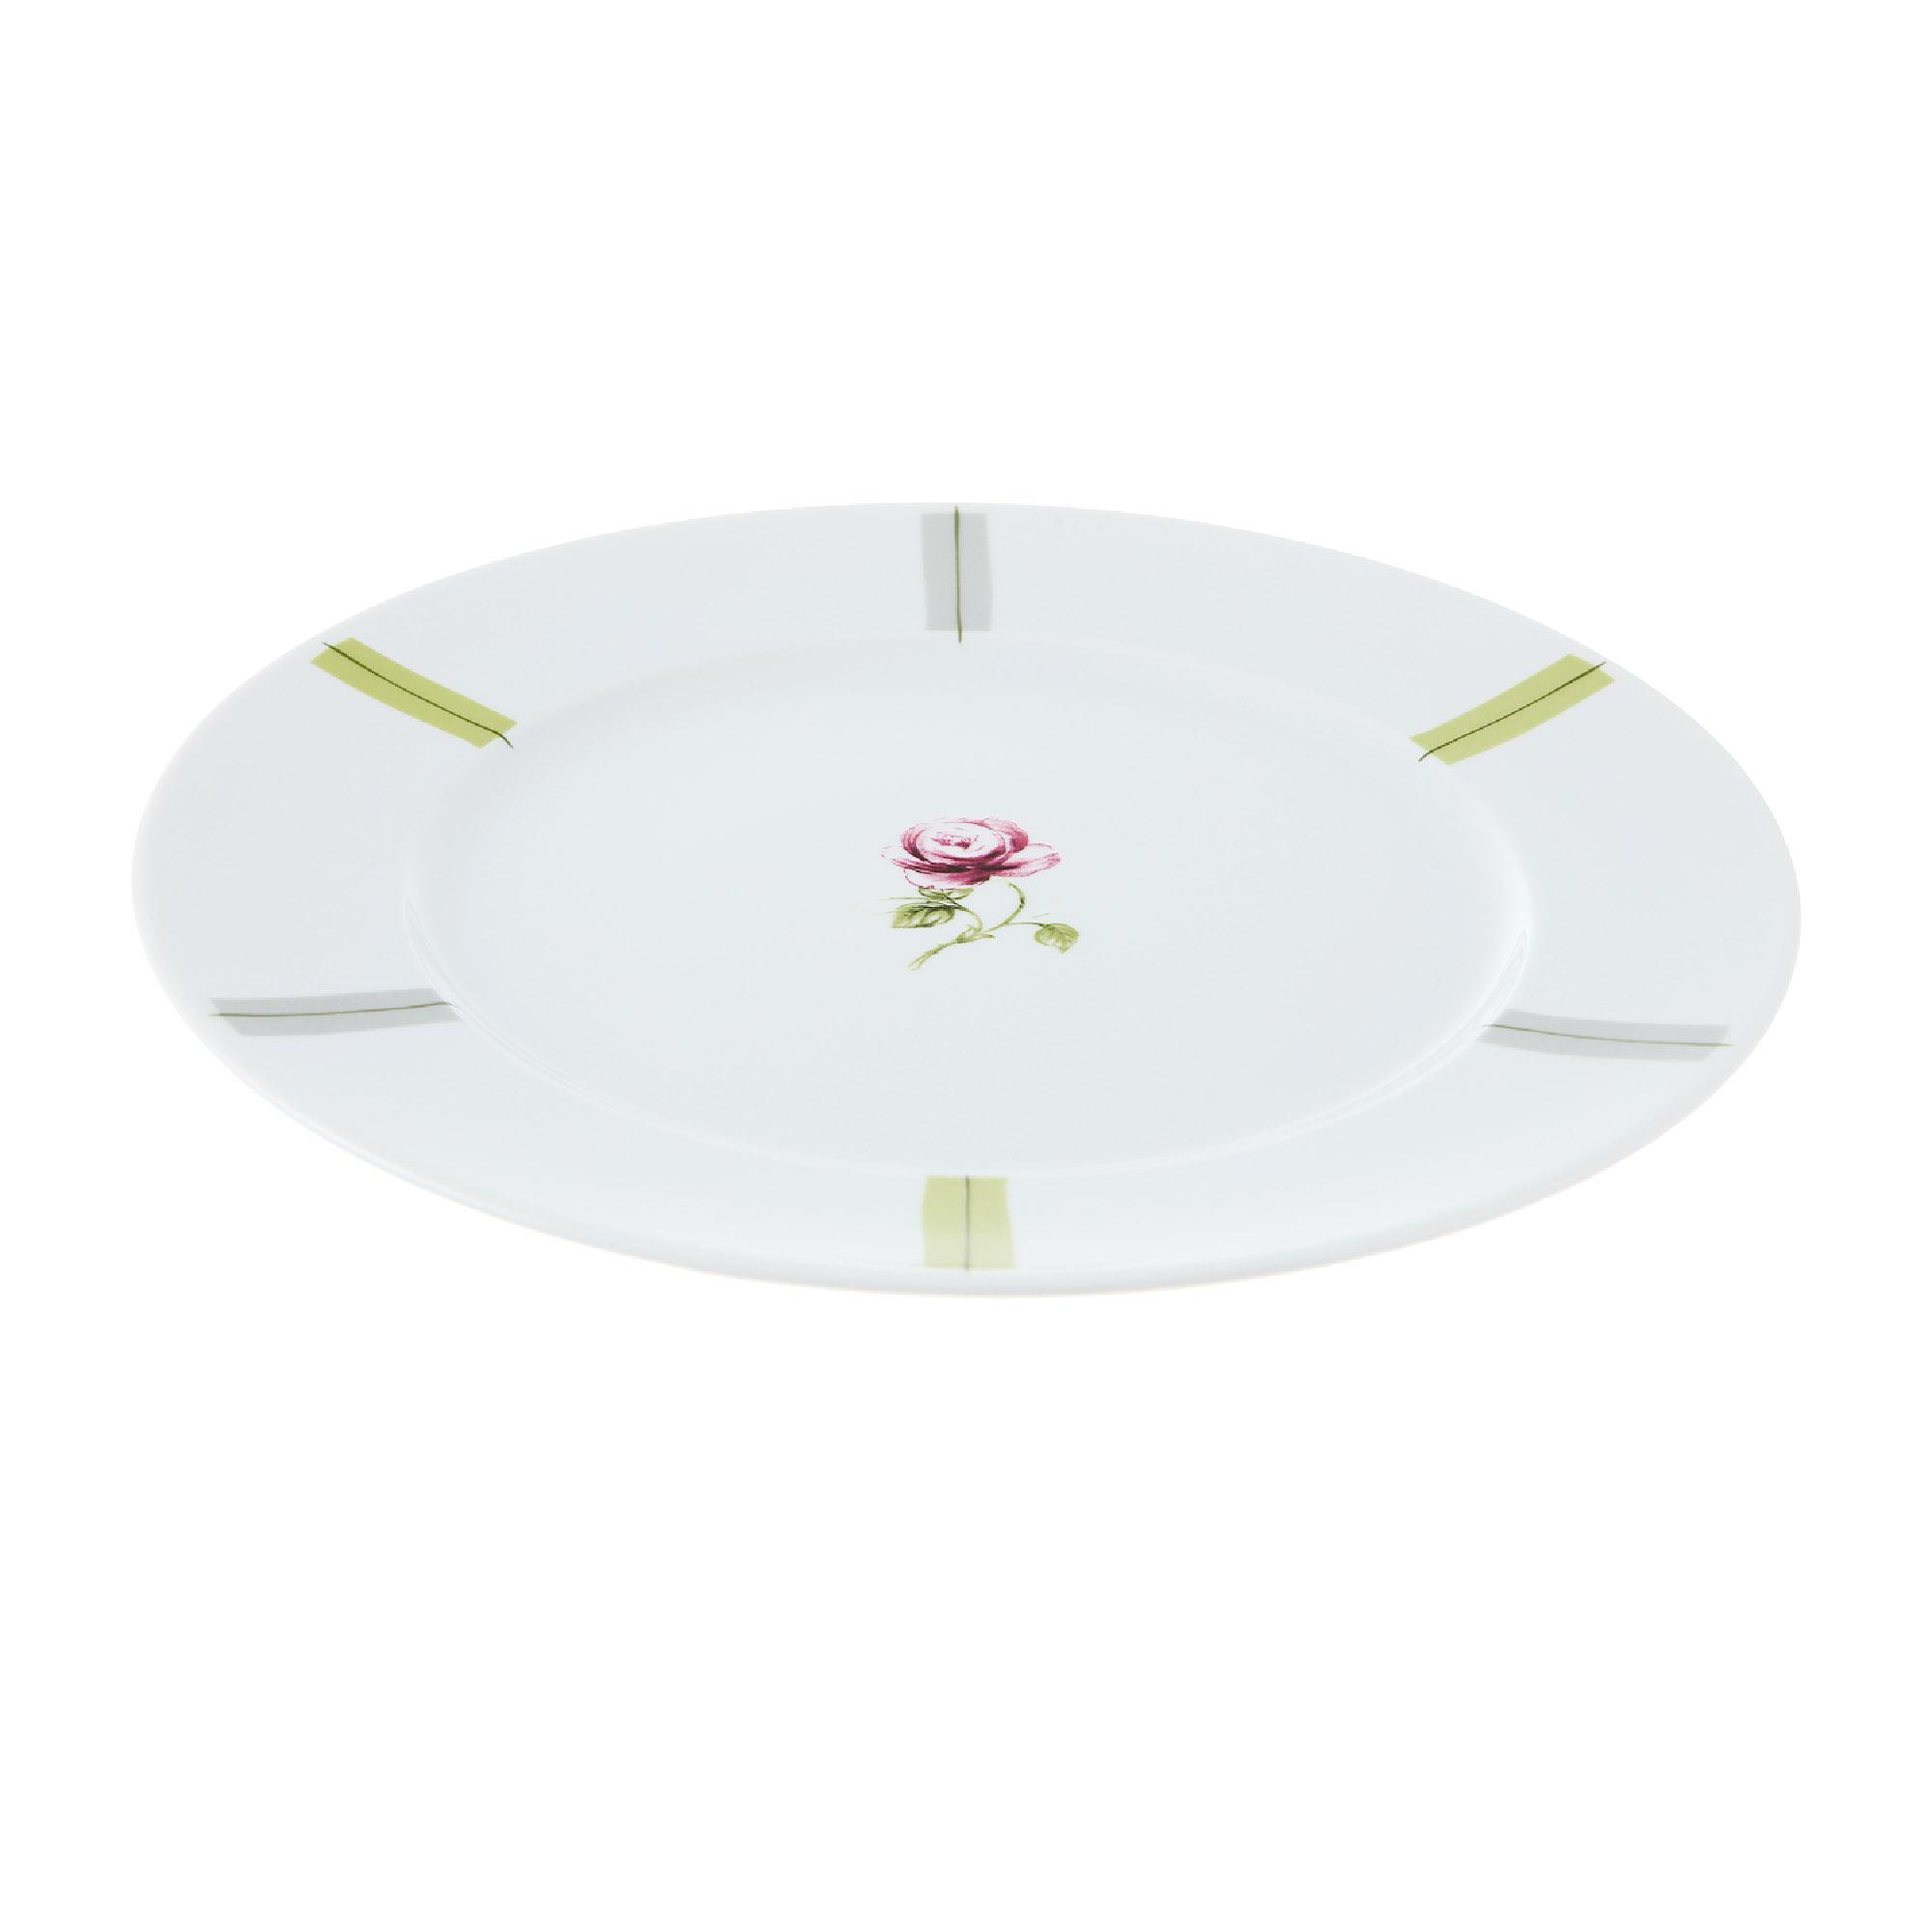 Тарелка плоская Yves De La Rosiere Cocooning 27 см тарелка плоская yves de la rosiere cocooning 27 см